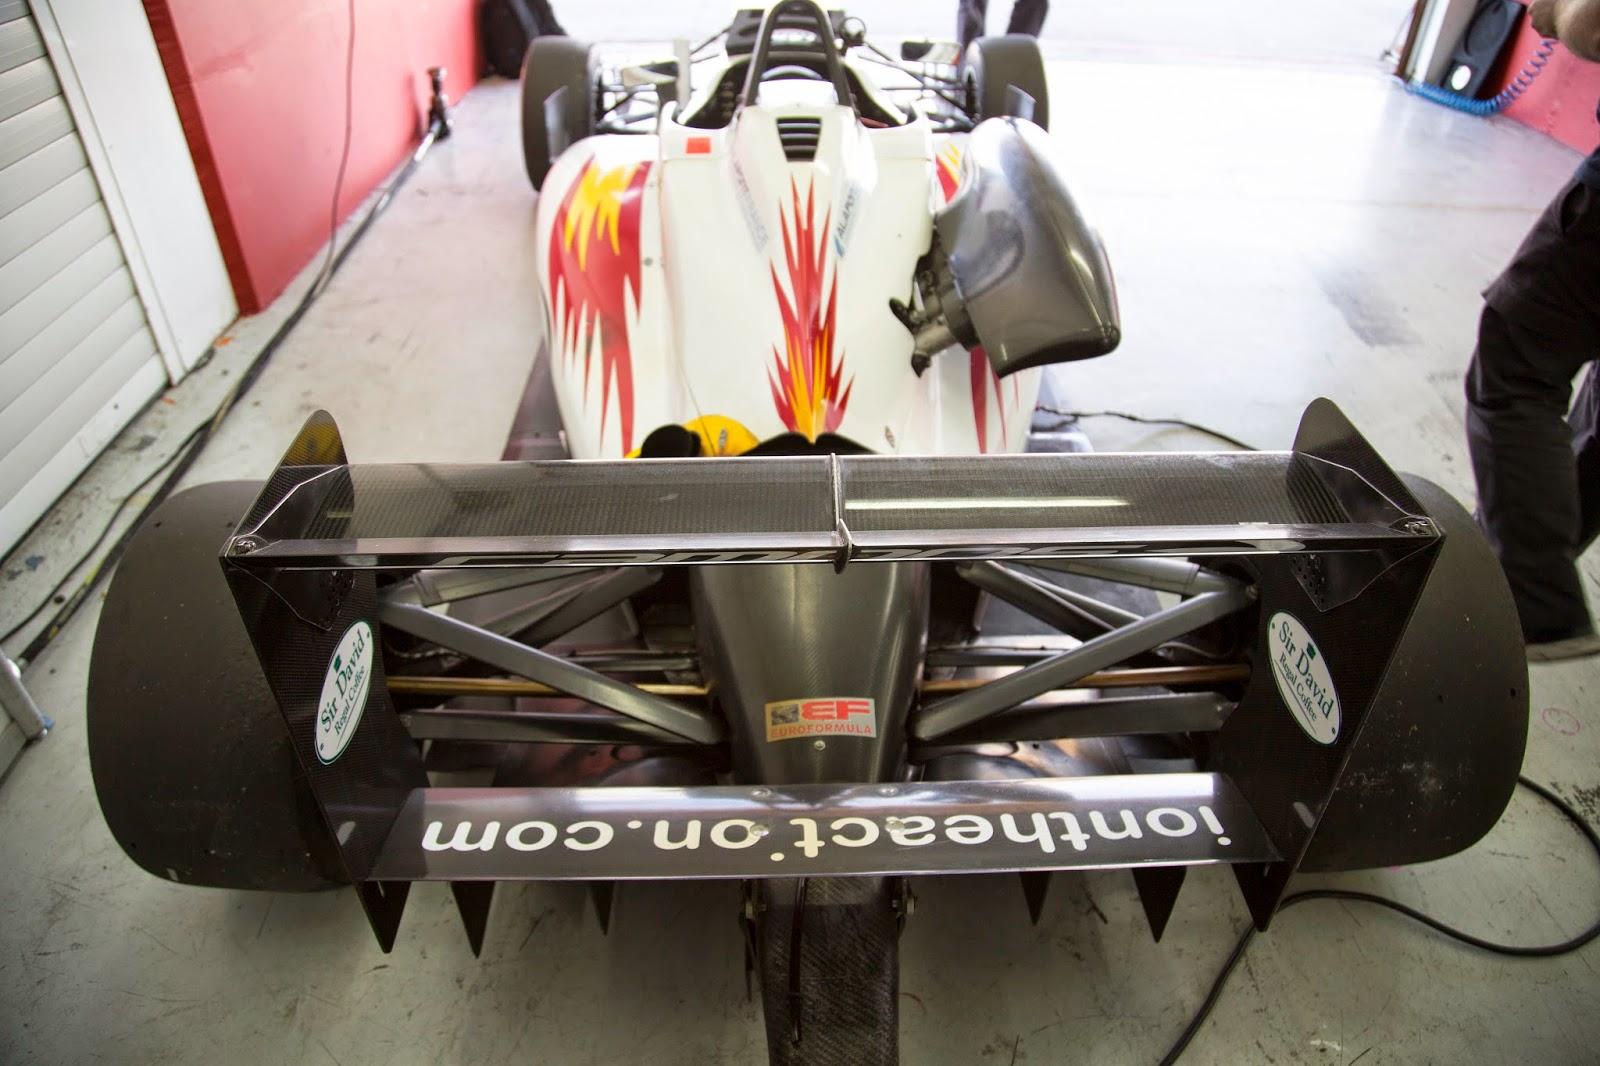 EuroFormula Open, F3, F1, Campos Racing, Valencia, Cheste